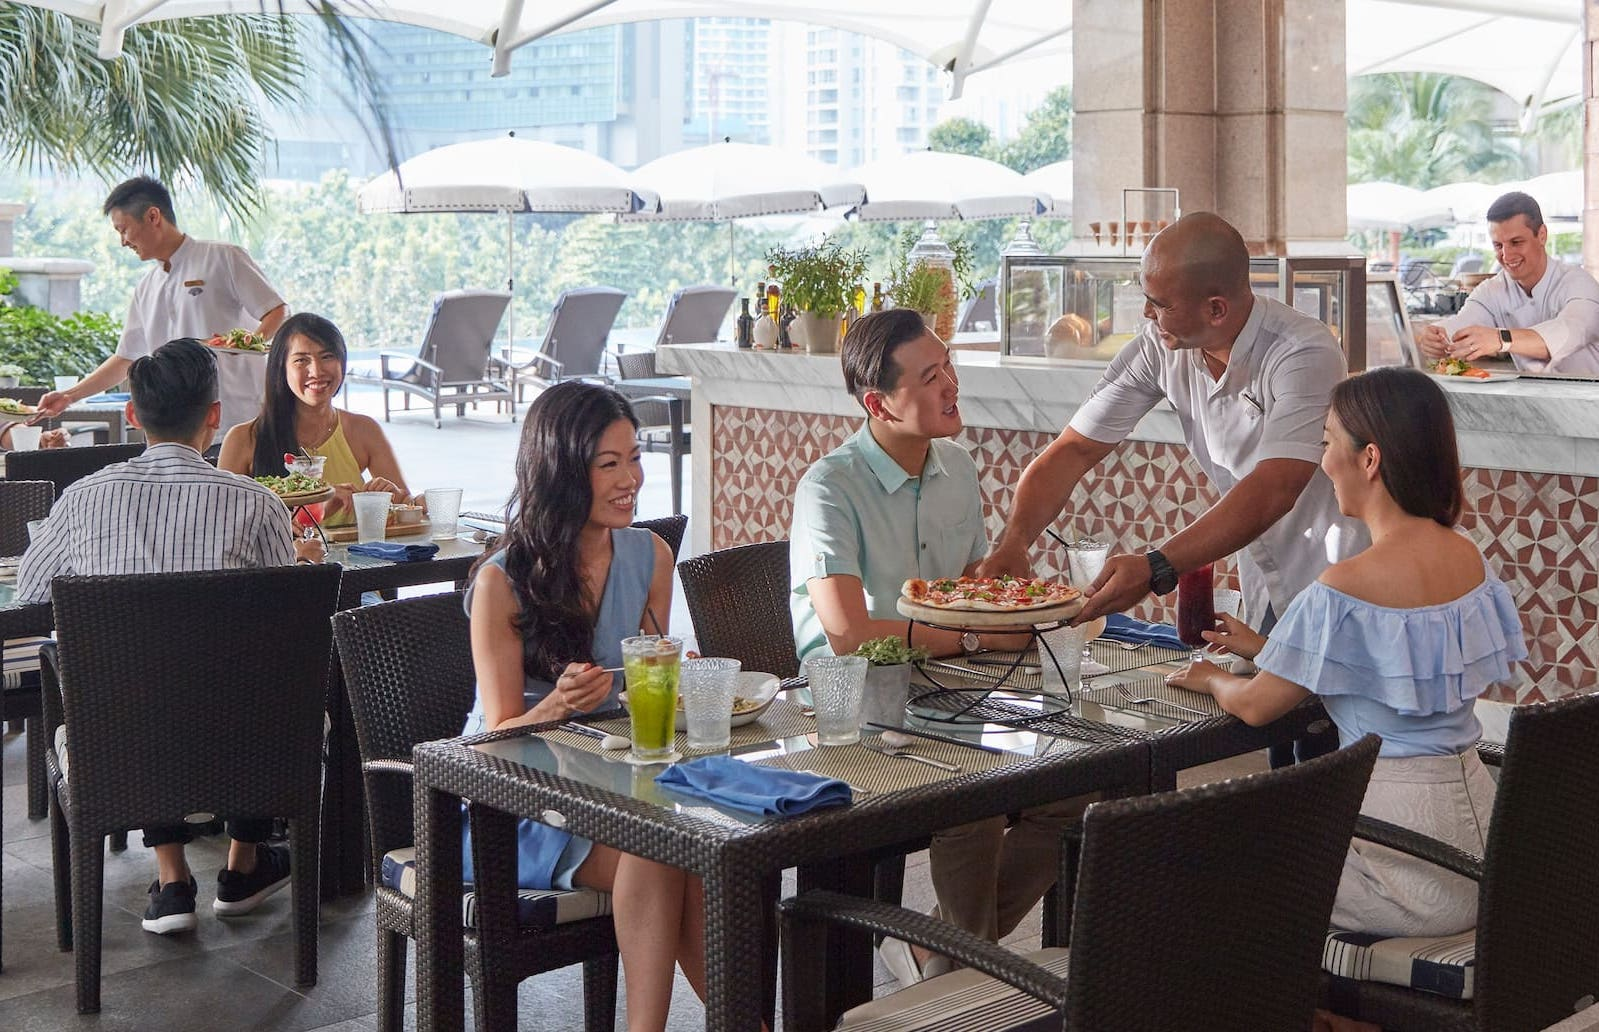 AQUA Restaurant & Bar, Mandarin Oriental Kuala Lumpur